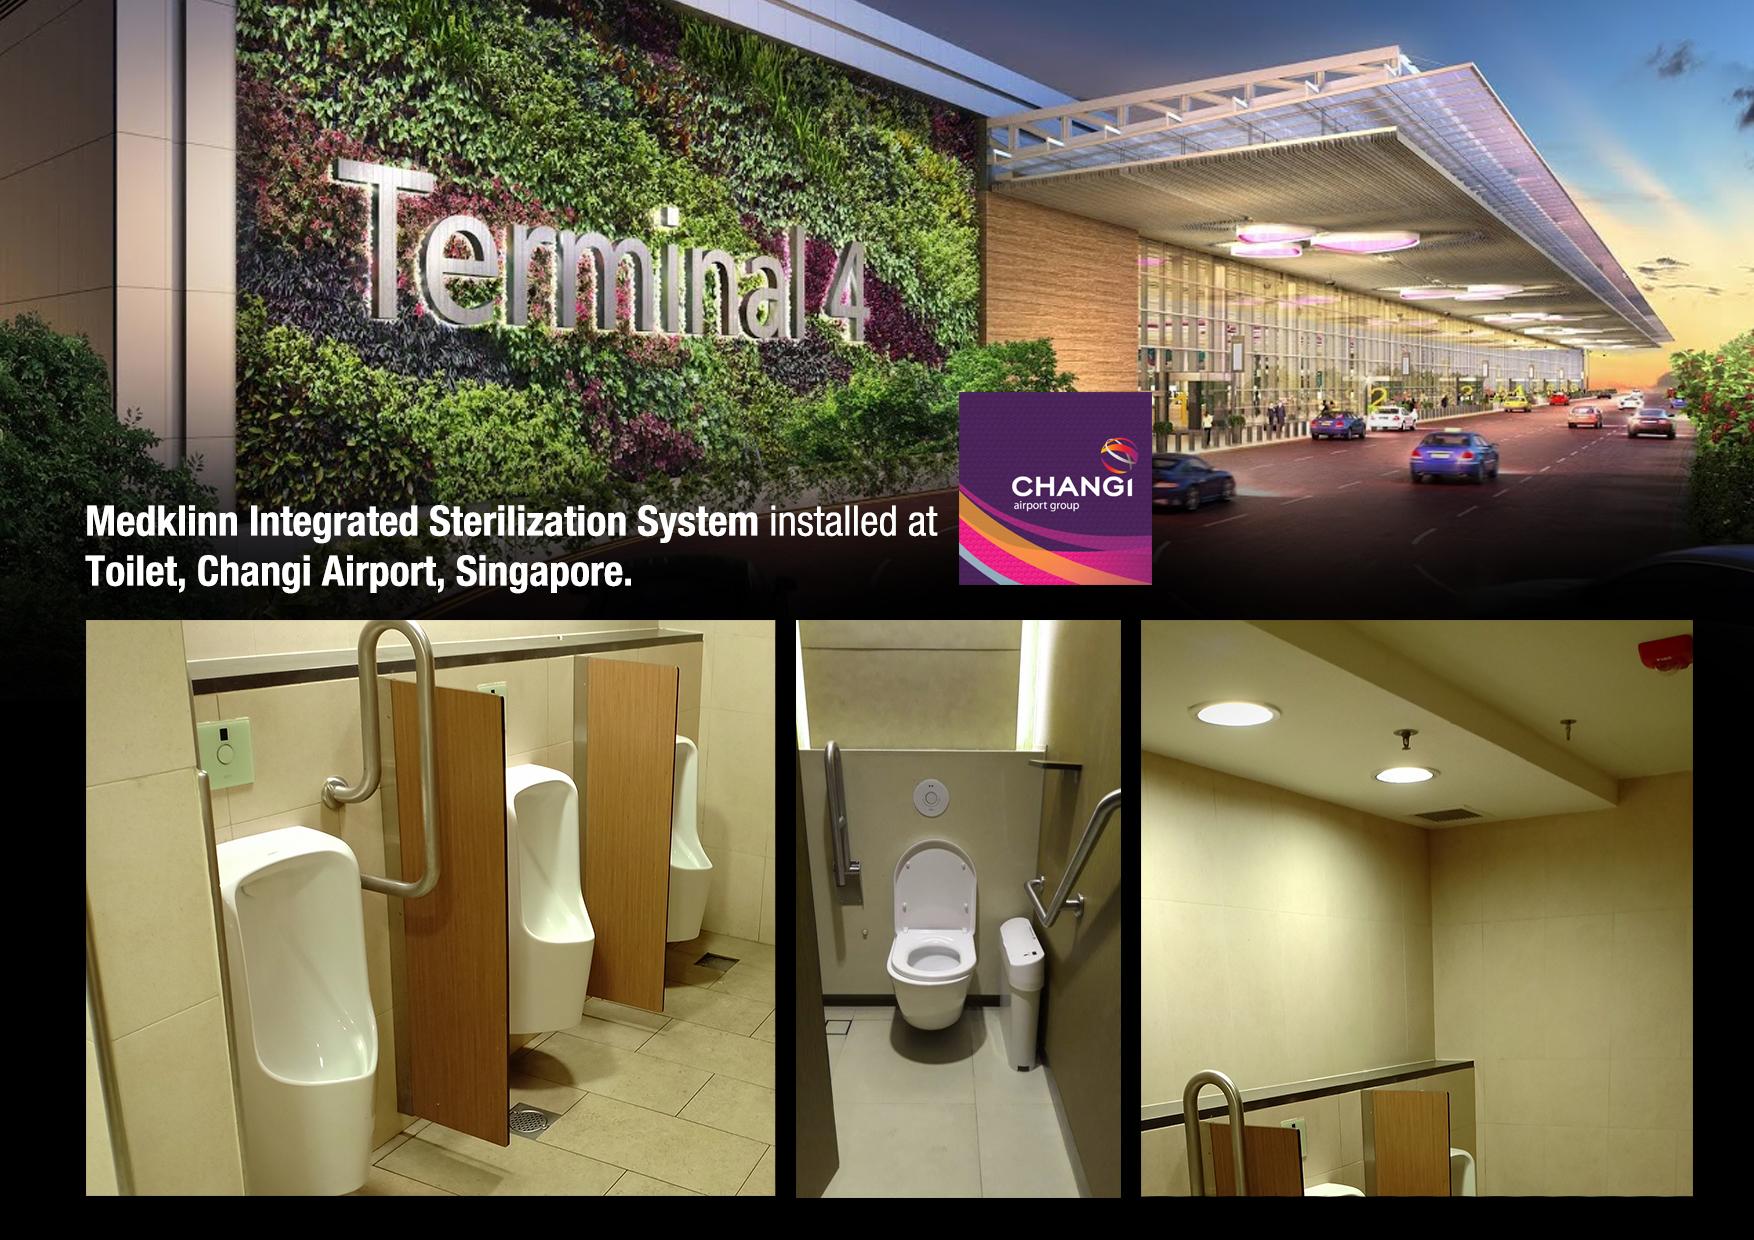 Medklinn Integrated Changi Airport Toilet